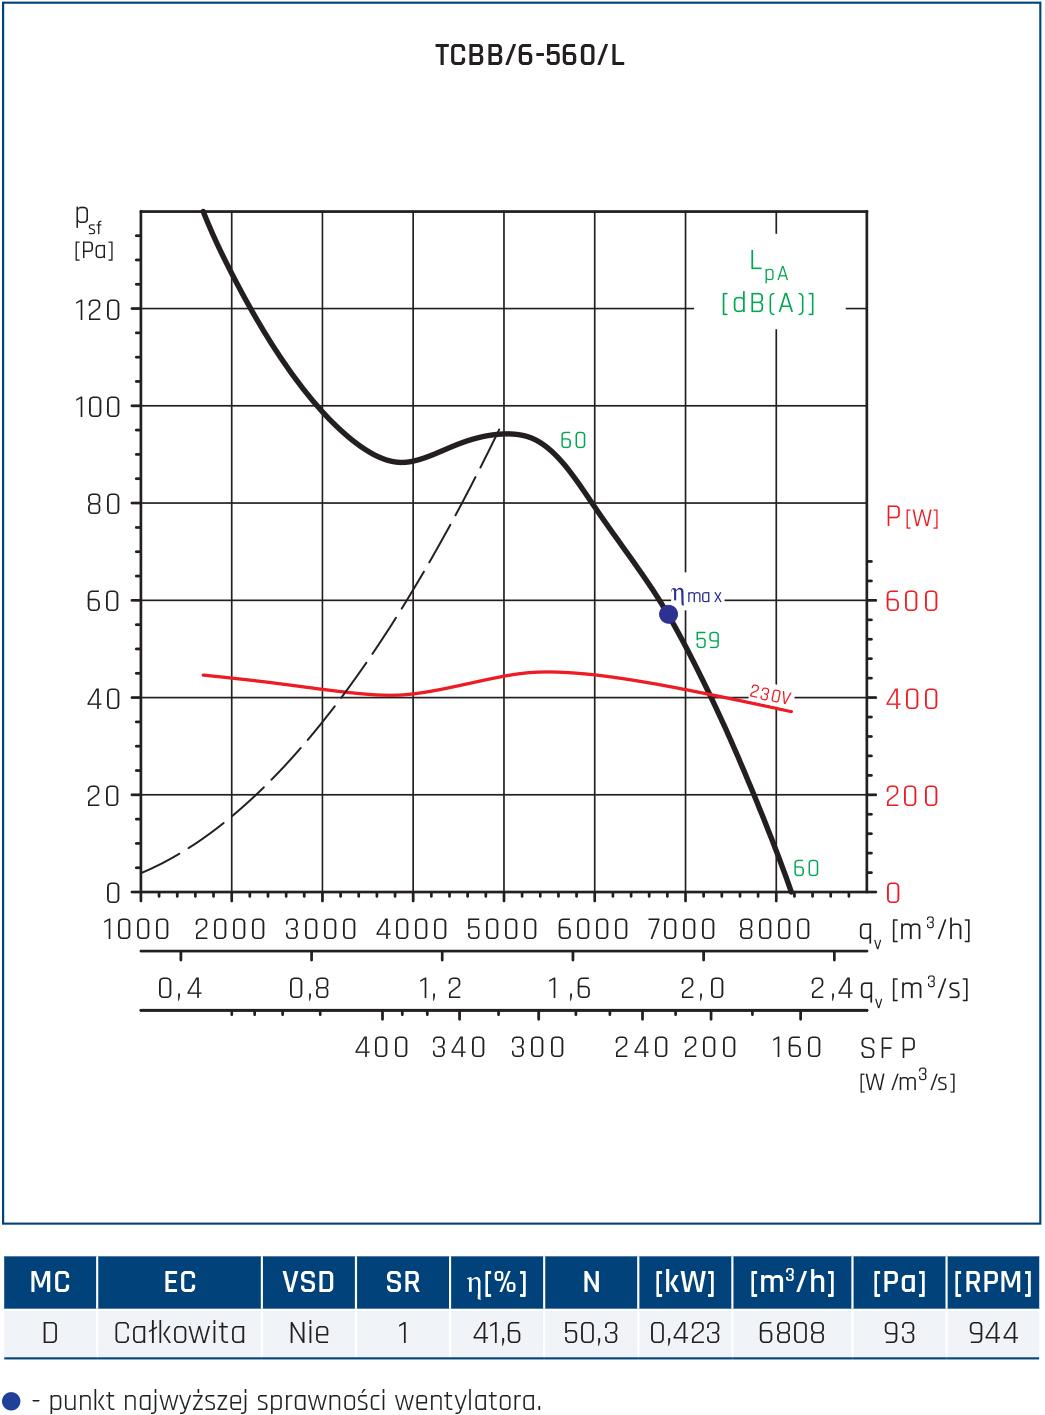 Wentylator Compact TCBB/TCBT 66